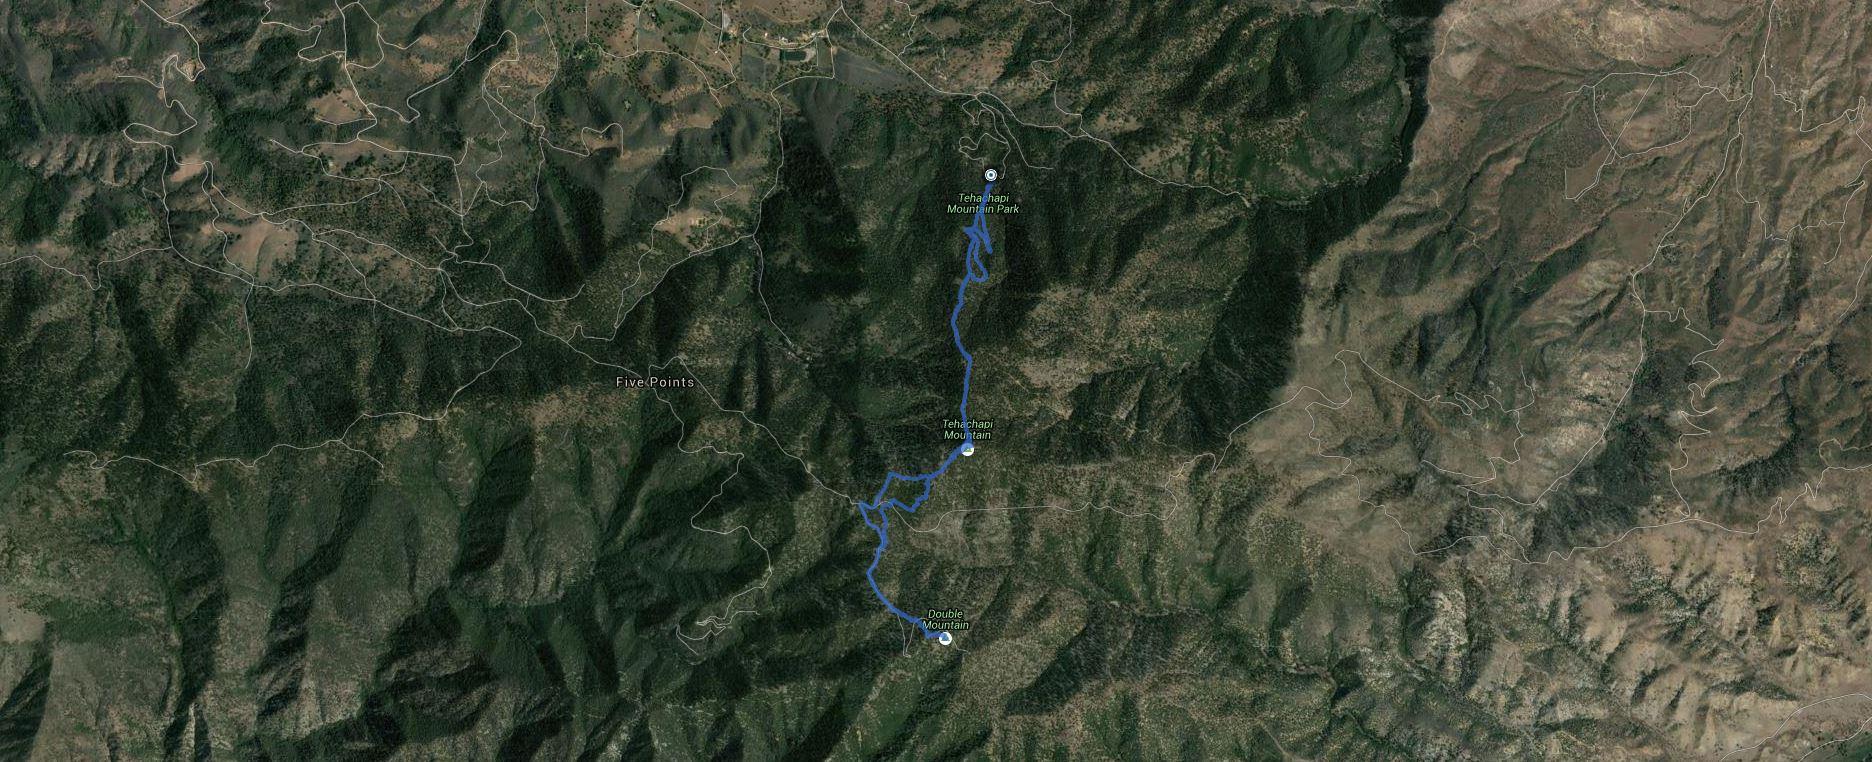 Tehachapi Mountain, Double Mountain – GPS Track